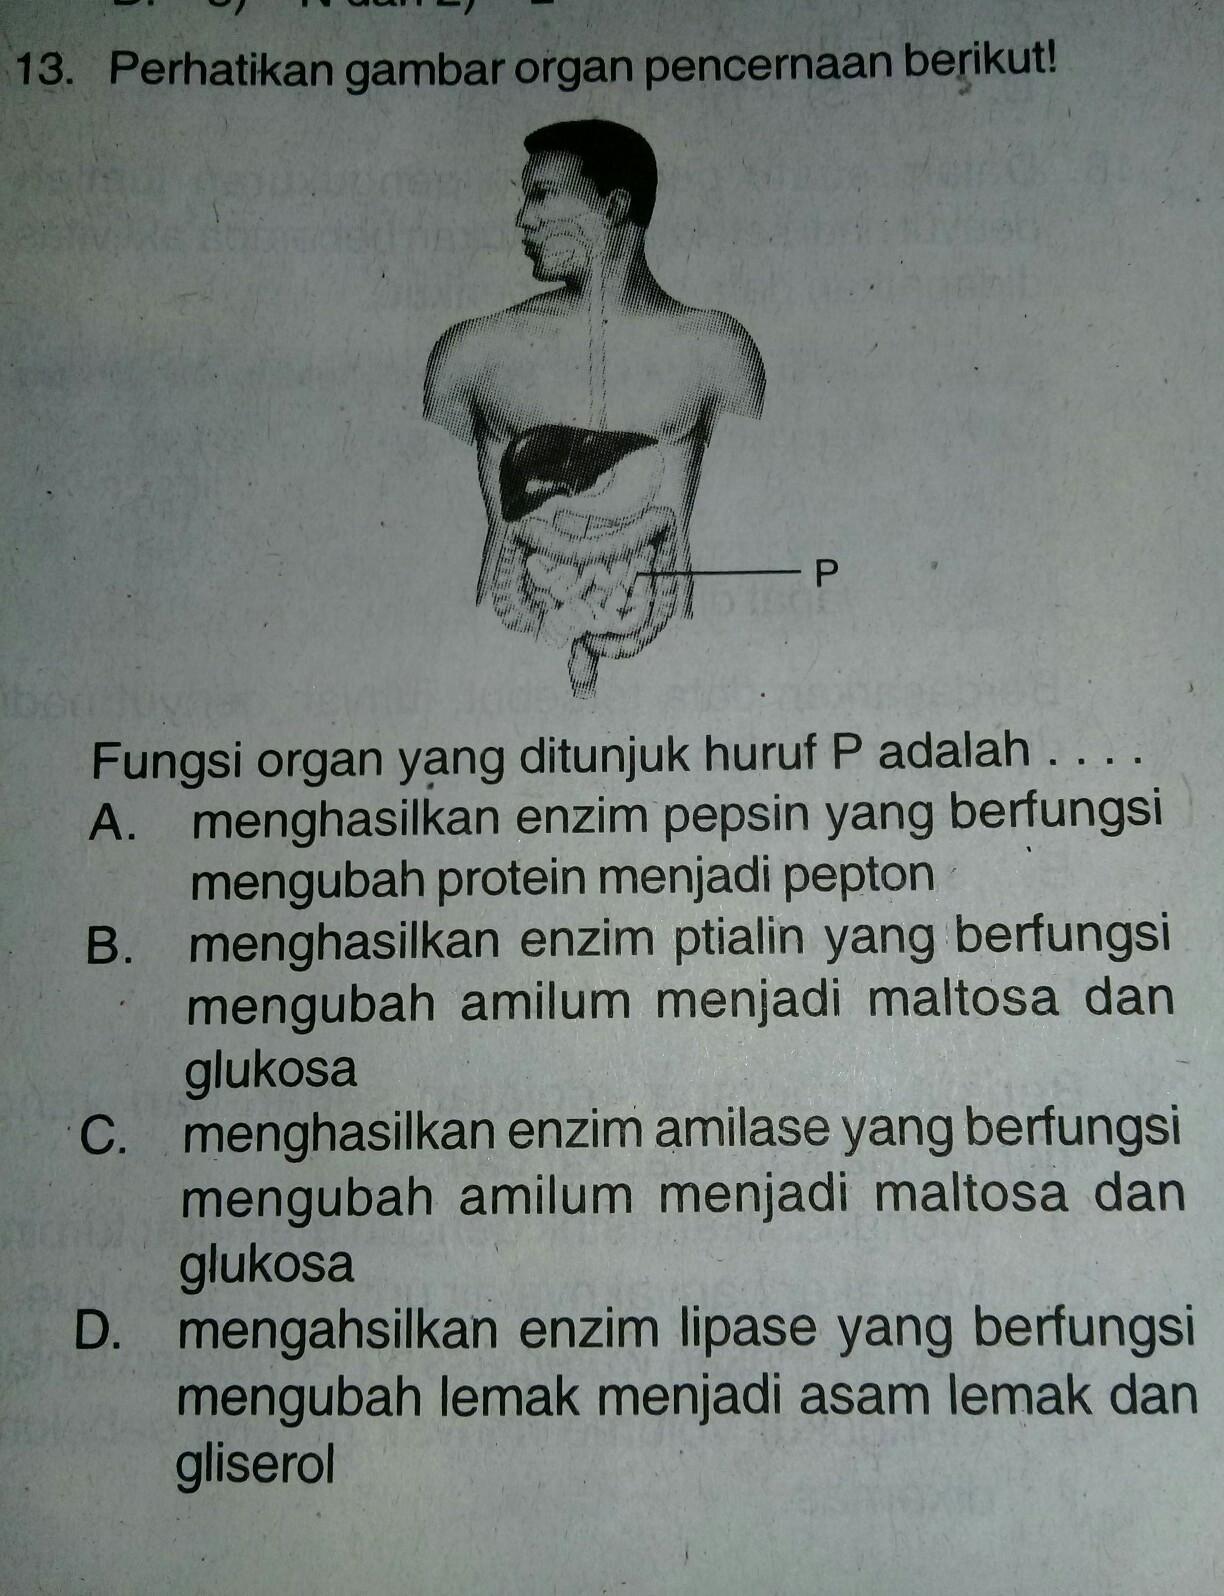 Fungsi organ yang ditunjuk huruf P adalah....A ...